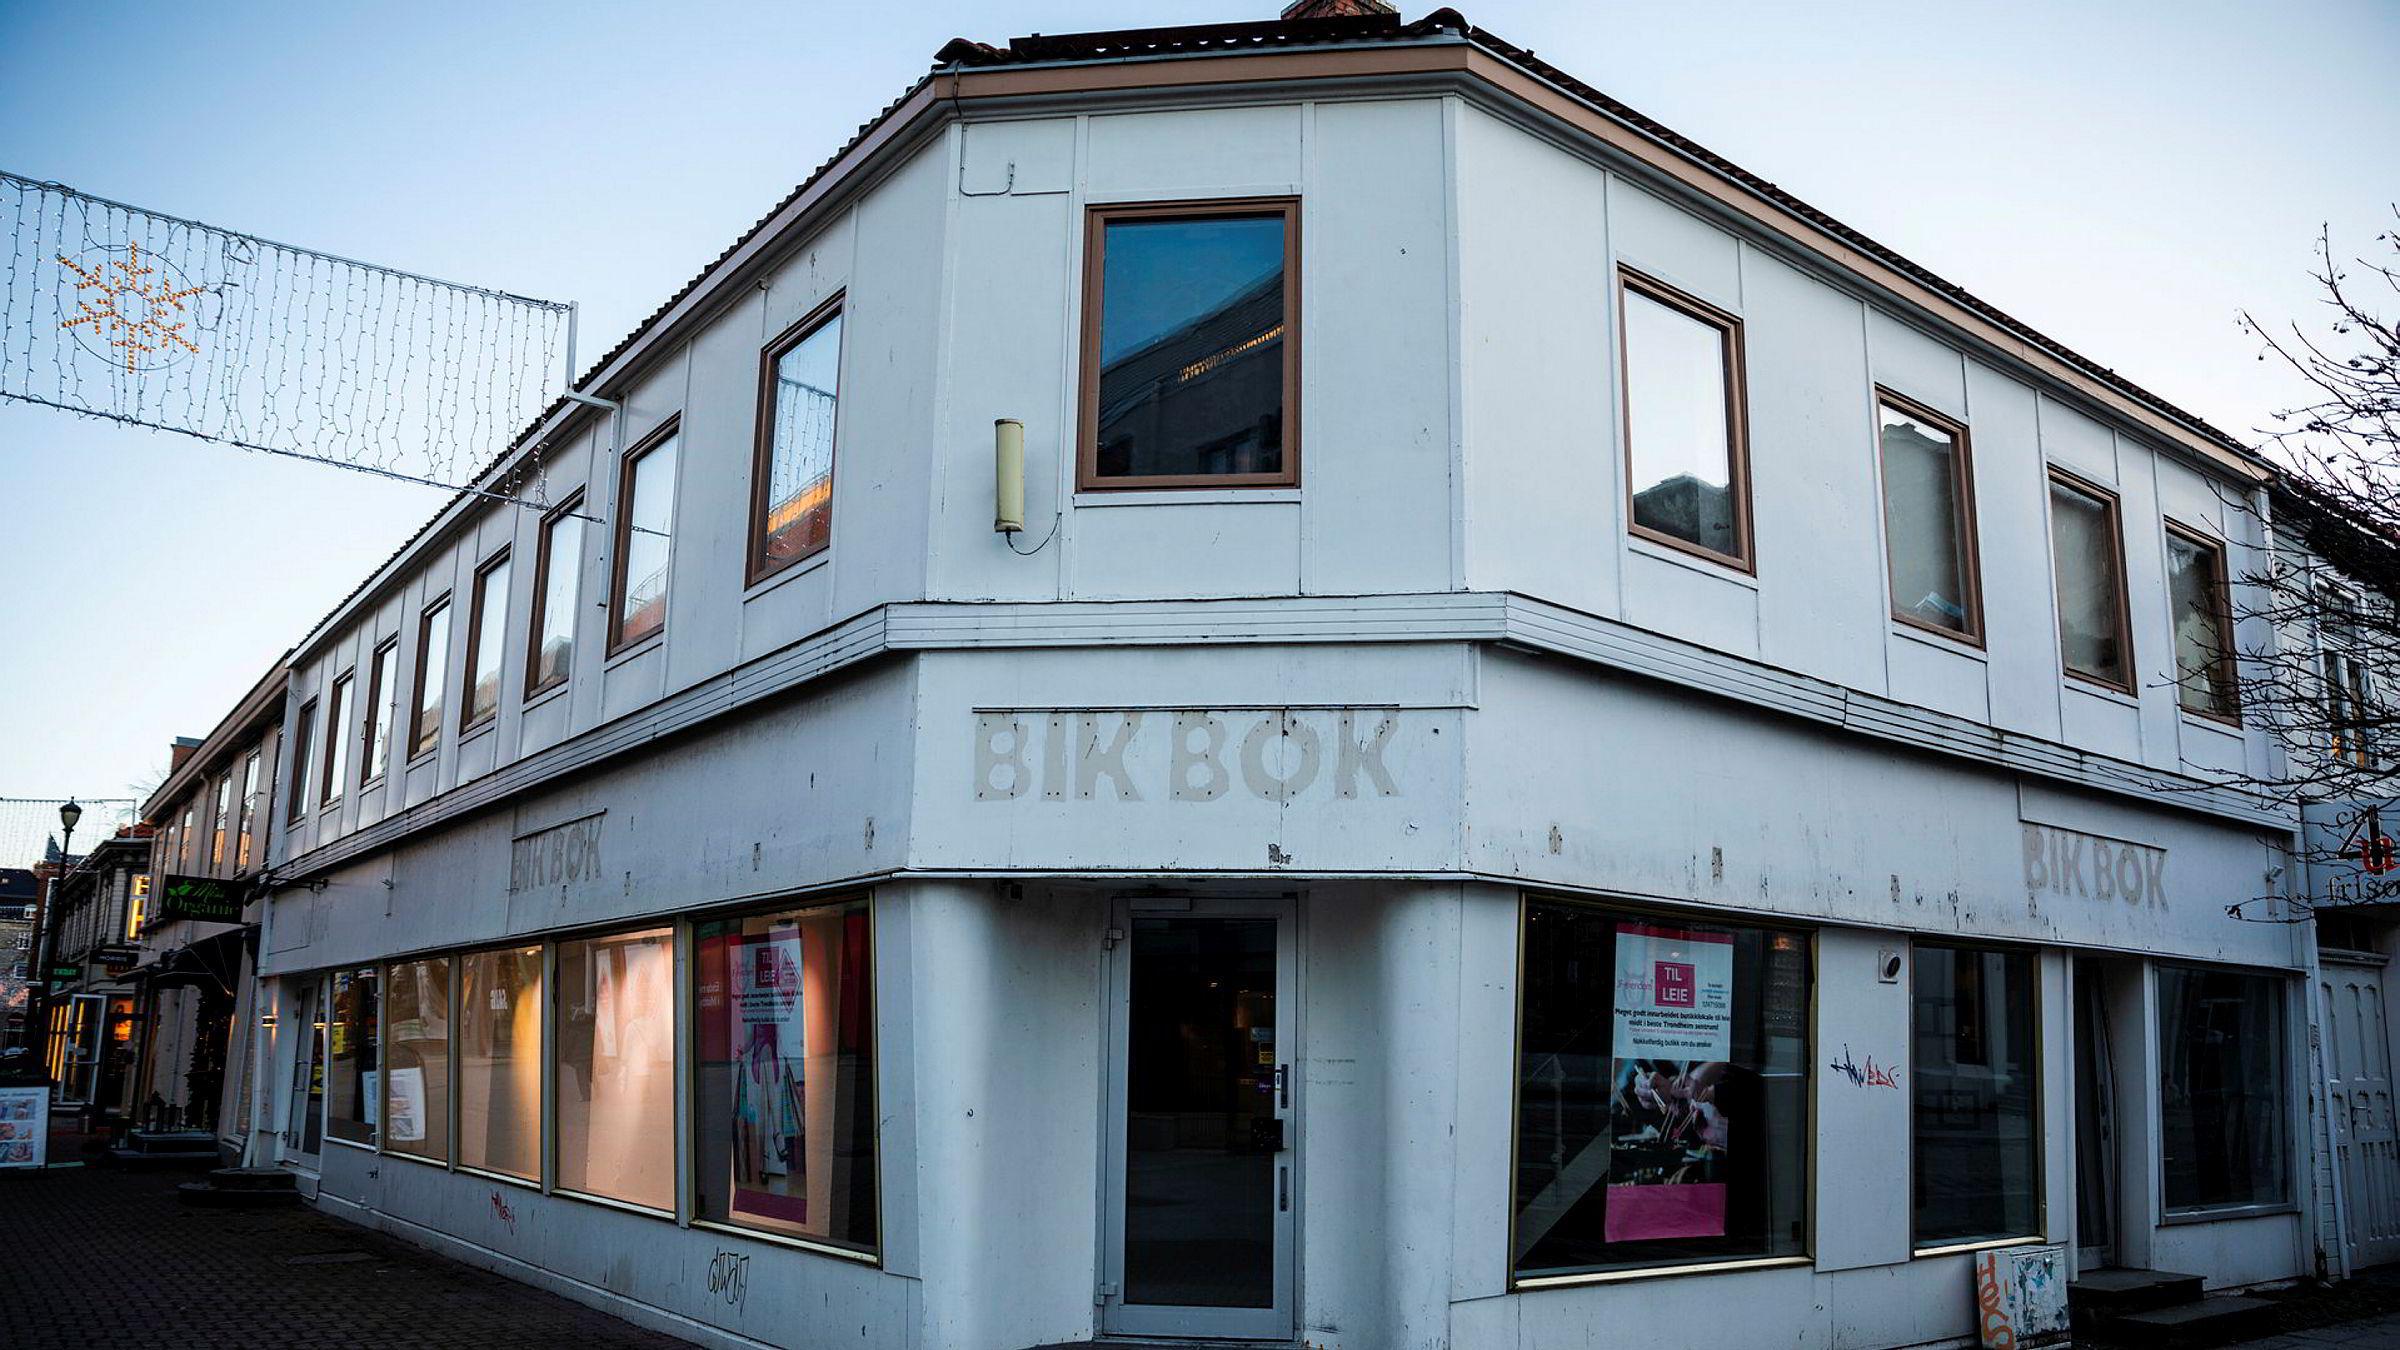 BikBok er en av Varner-kjedene som er hardest rammet av nedturen. Her fra et forlatt lokale i Trondheim sentrum.